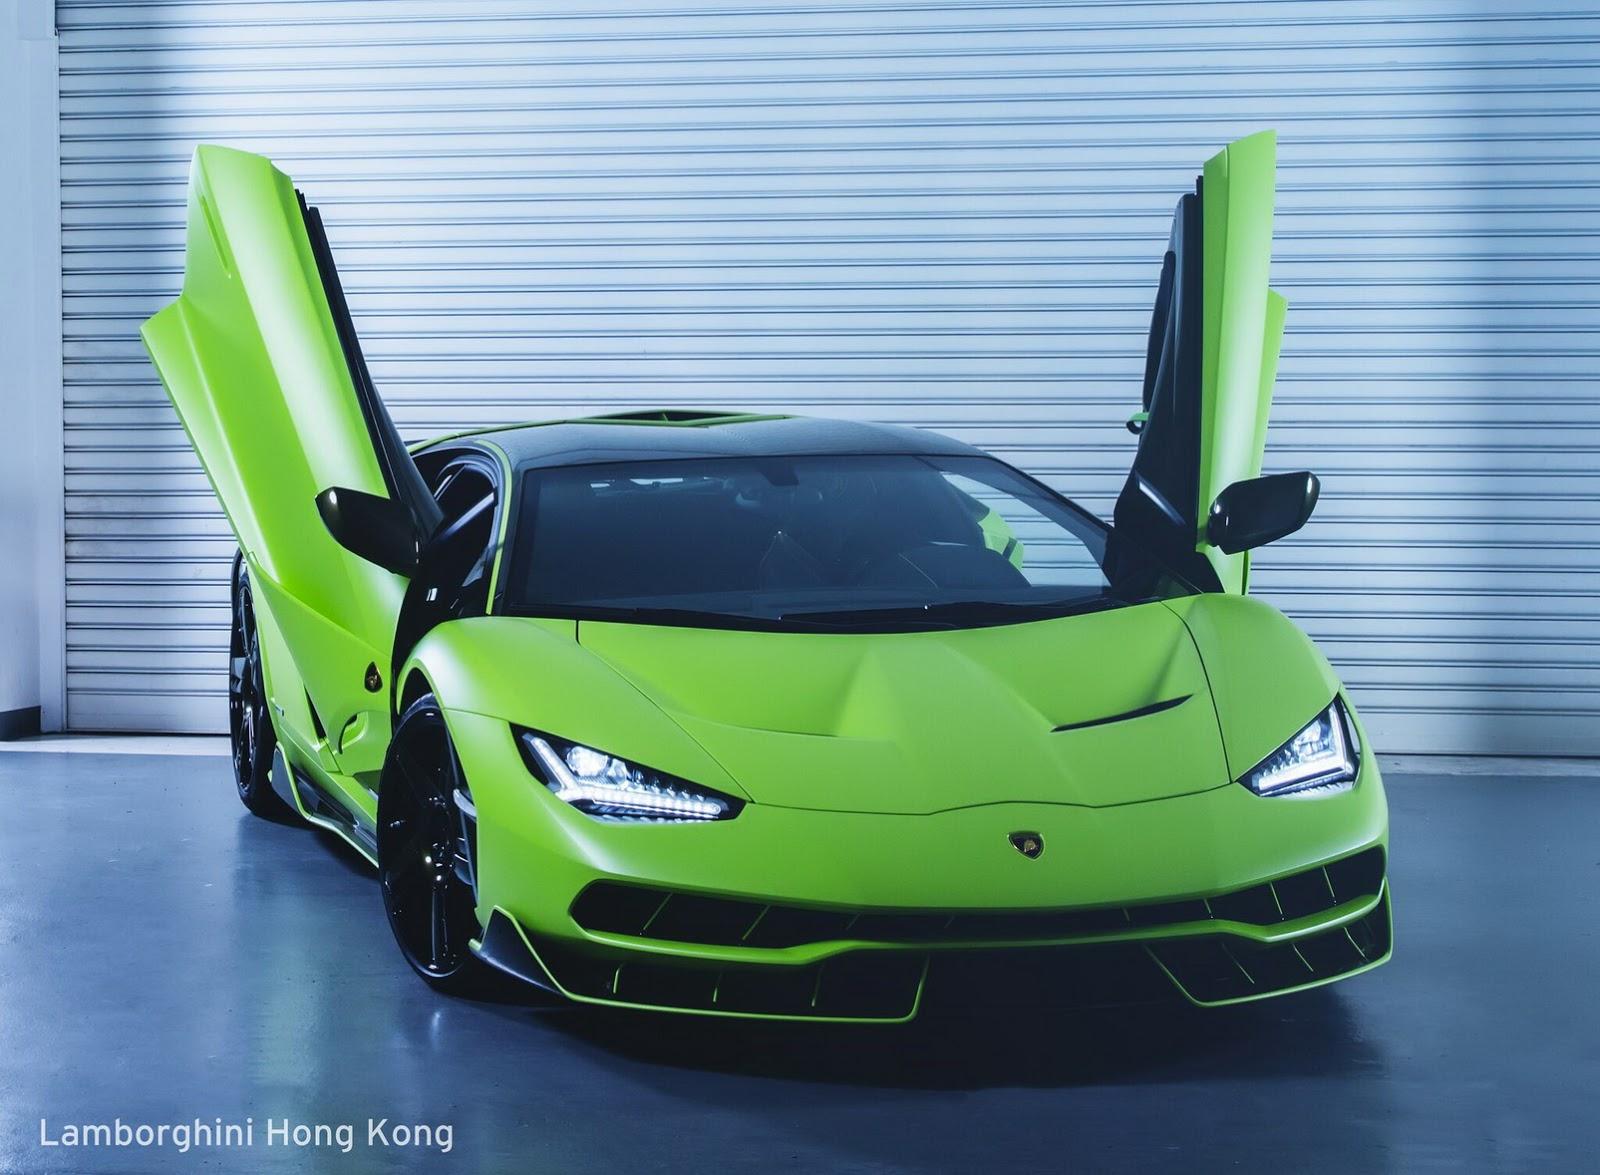 Verde Bronte Lamborghini Centenario Debuts in Hong Kong ...